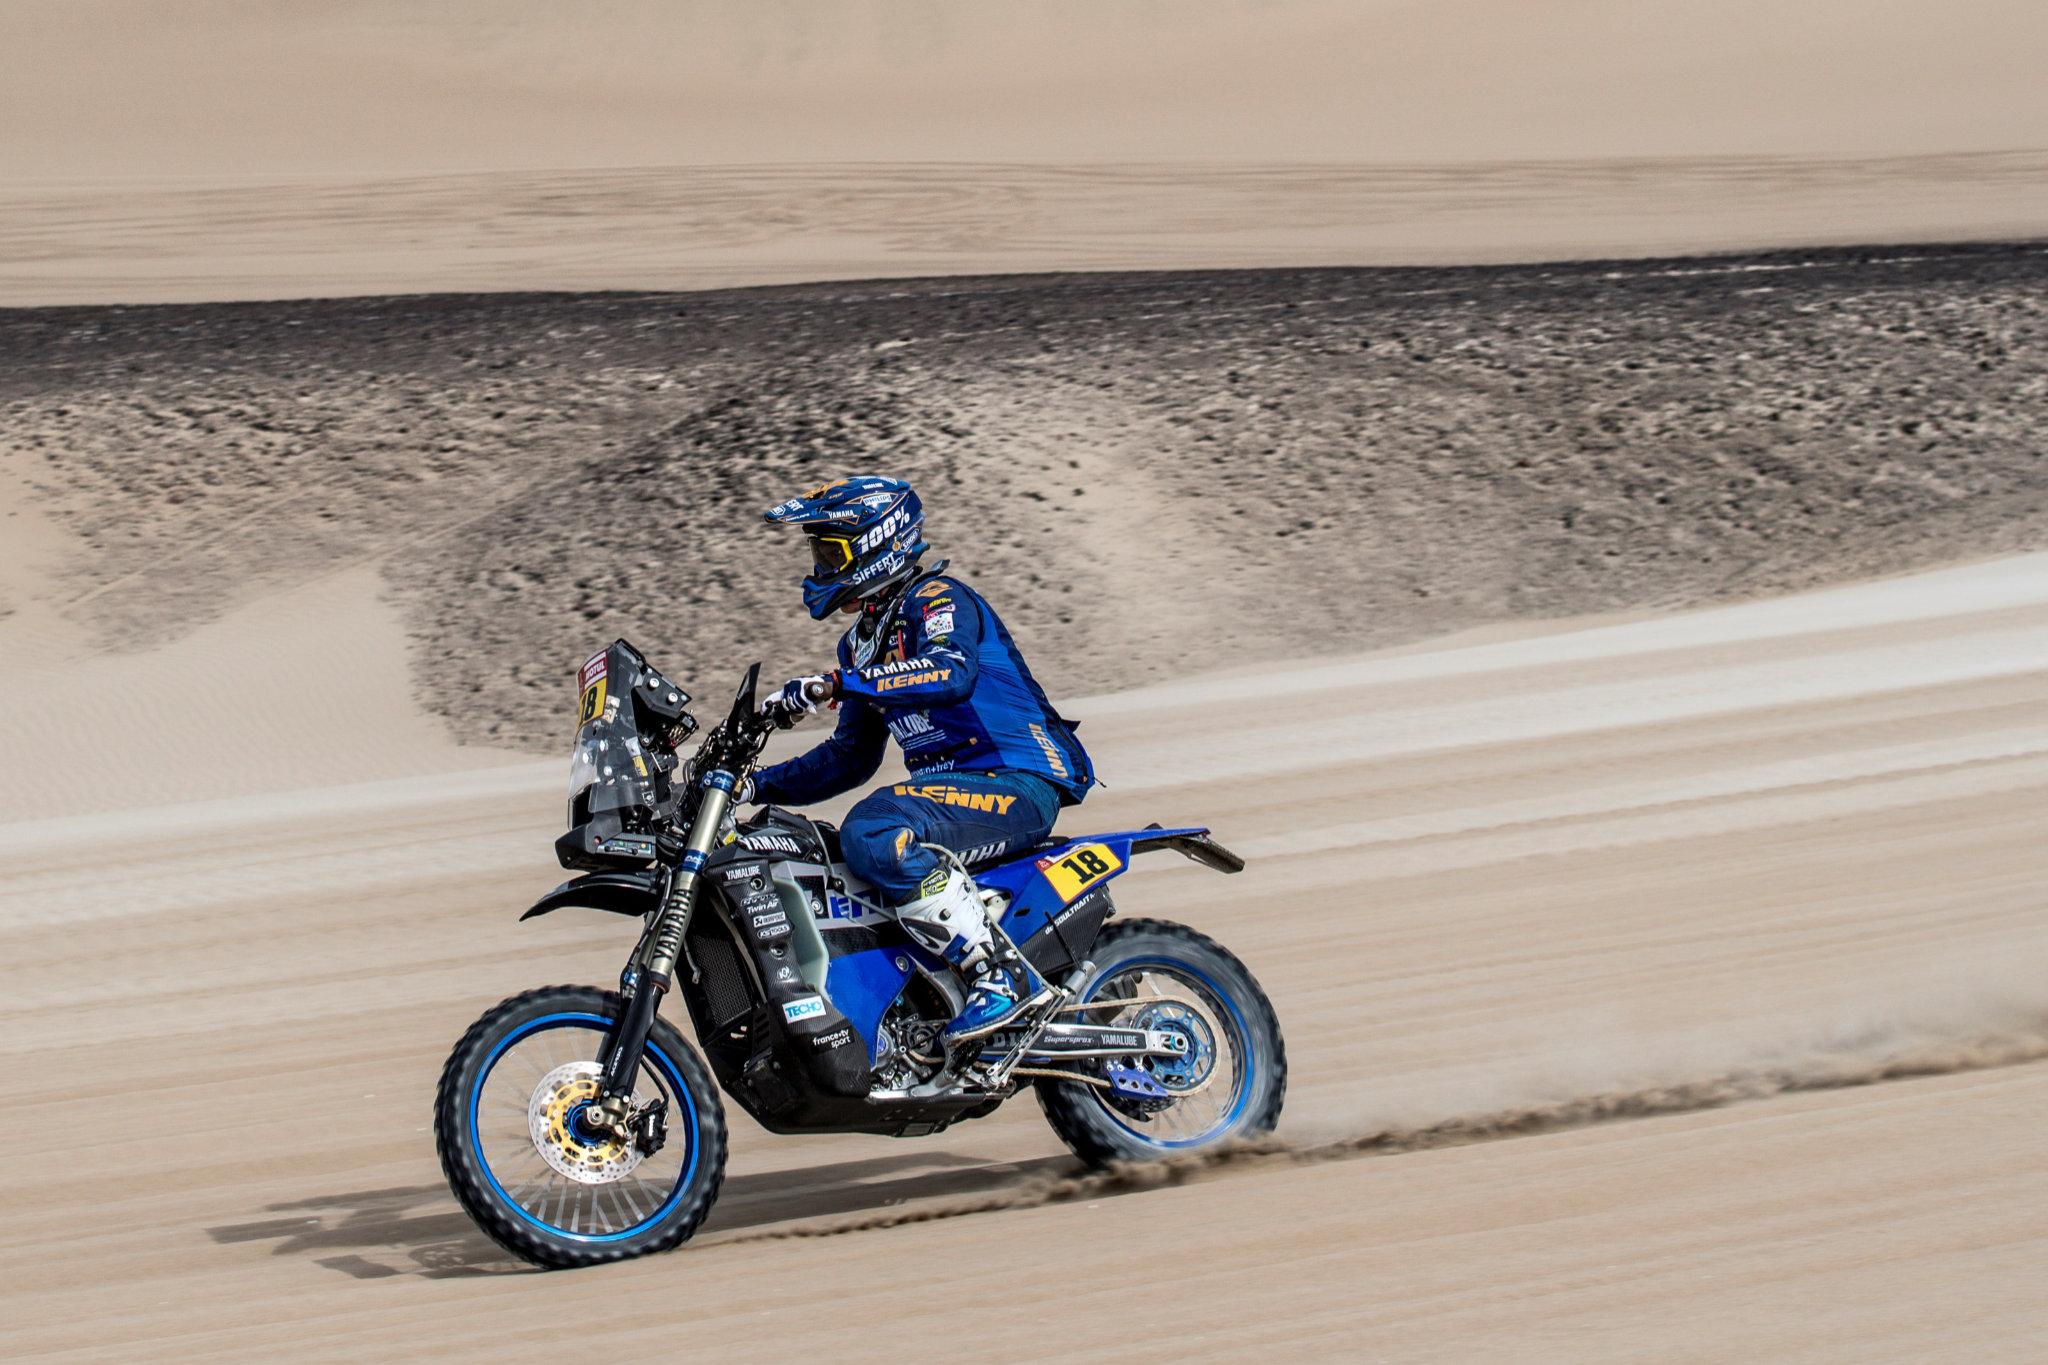 De Soultrait, Dakar 2019